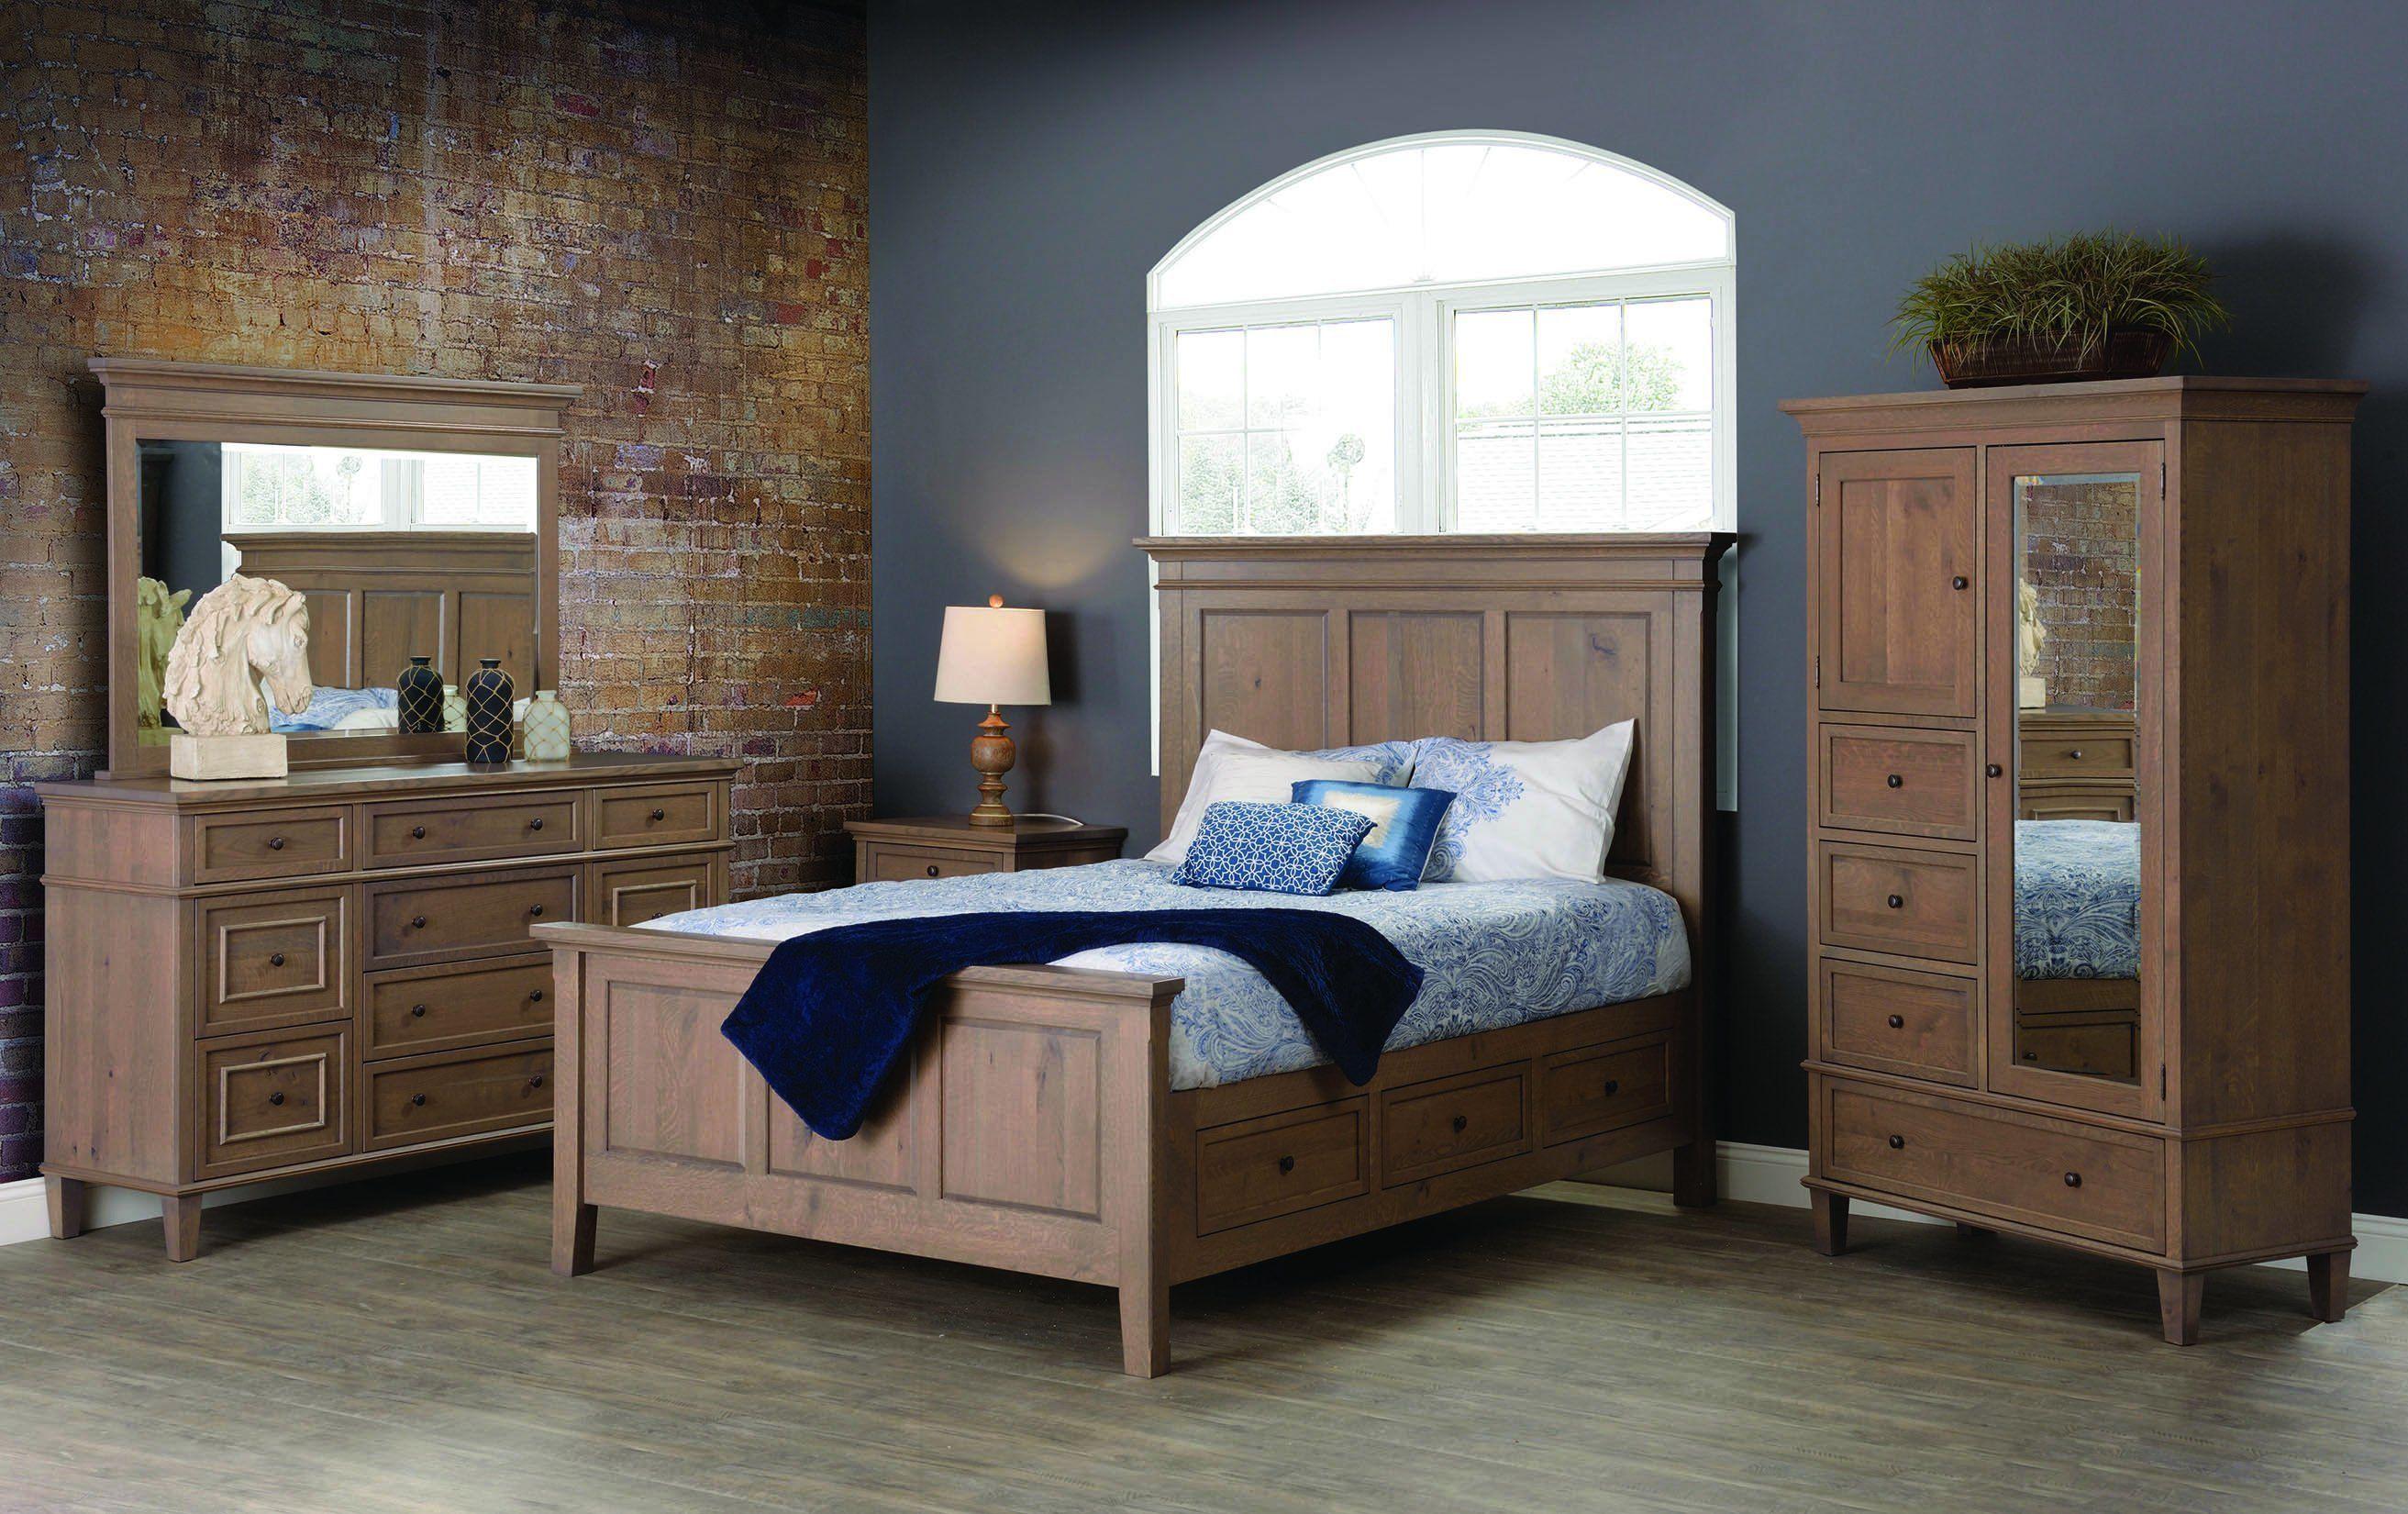 Shop the look Rustic Quarter Sawn Oak Rockport Bedroom